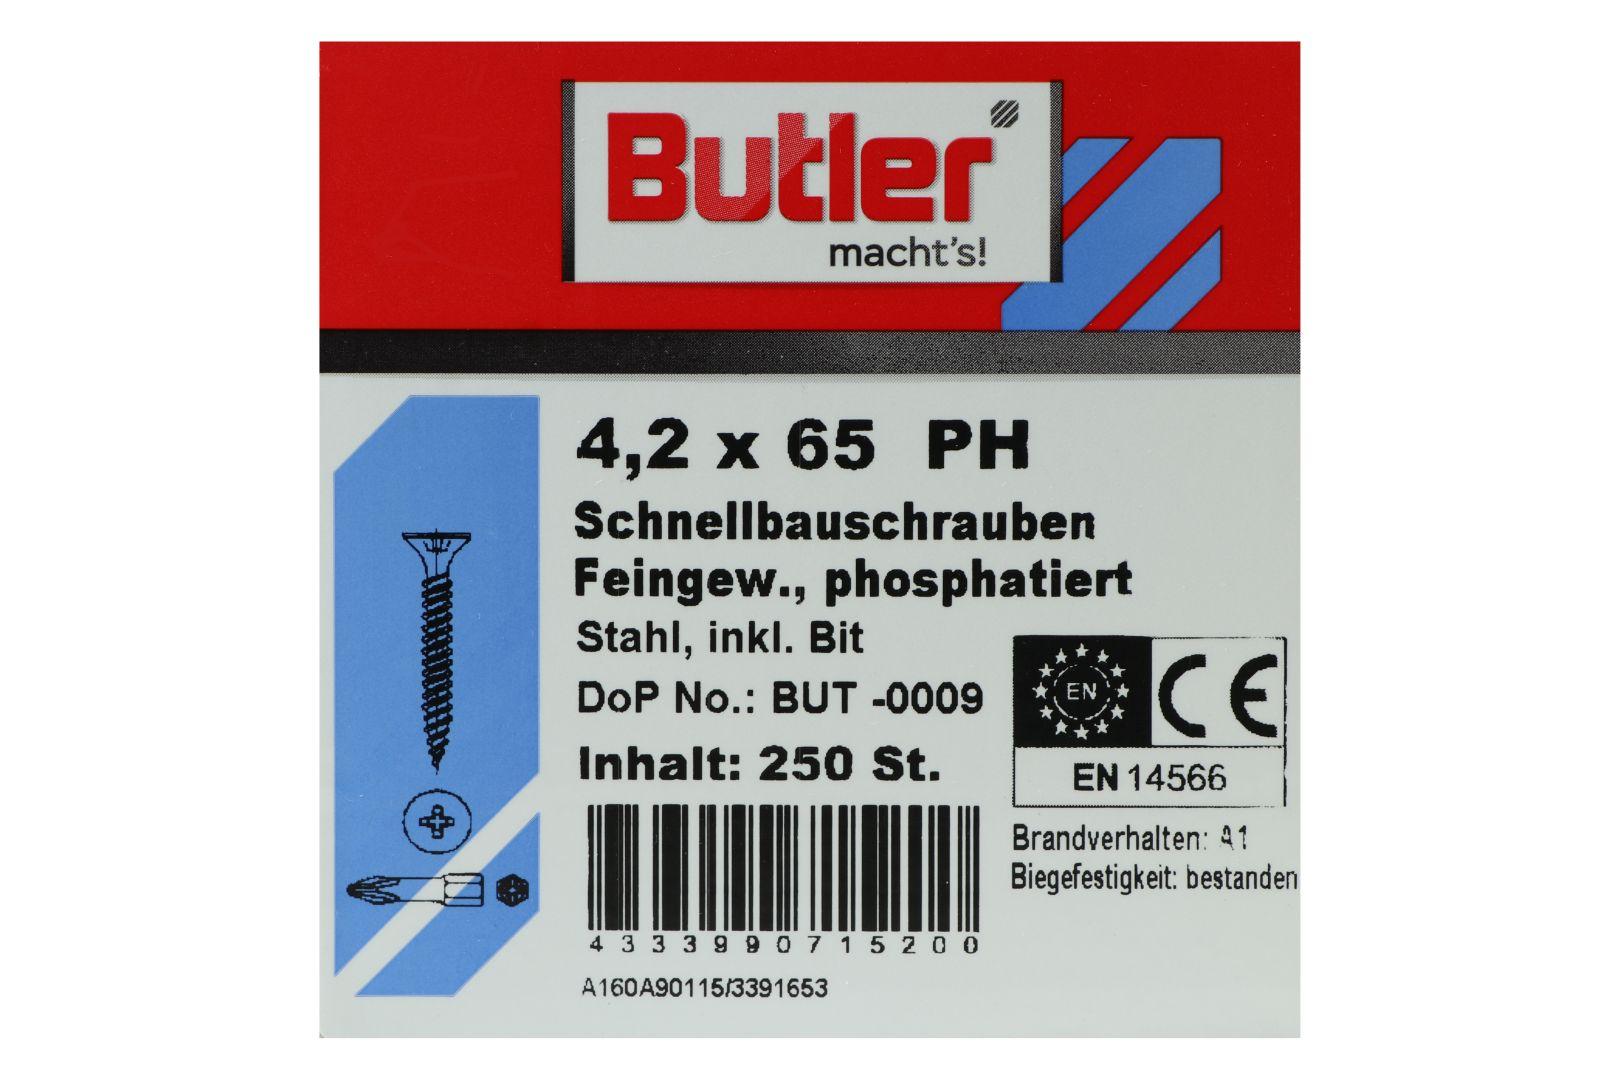 Butler macht's! Schnellbauschrauben inkl. Bit für Gipsplatten auf Metall bis 0,6 mm, Feingewinde, PH2, 4,2 x 65 mm, 250 Stück